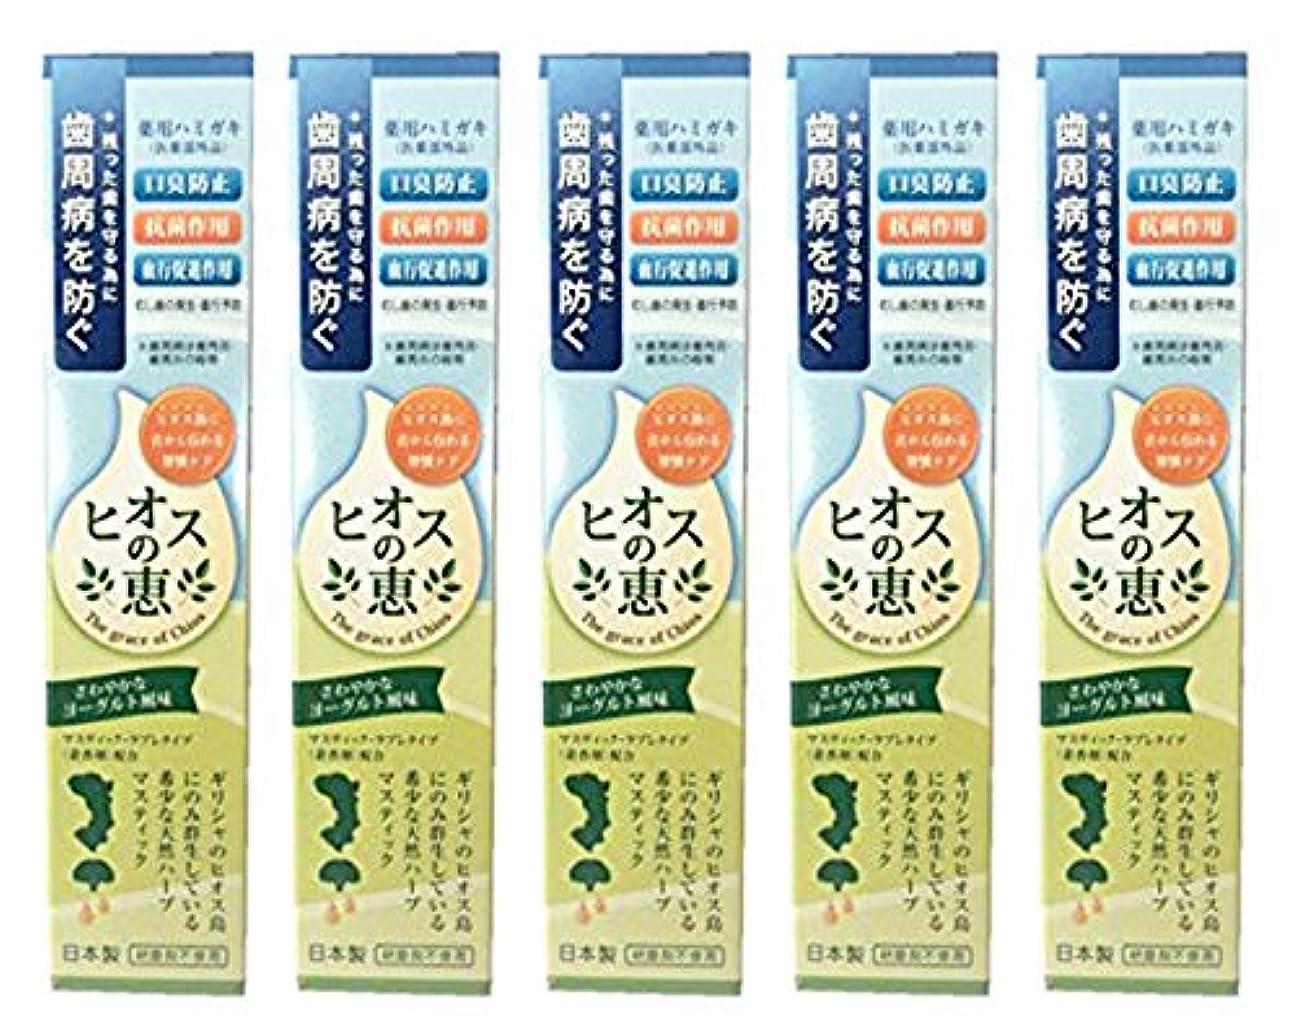 勝つ風変わりな触覚ヒオスの恵 60g 【まとめ買い1個60g×5個】薬用ハミガキ 日本製